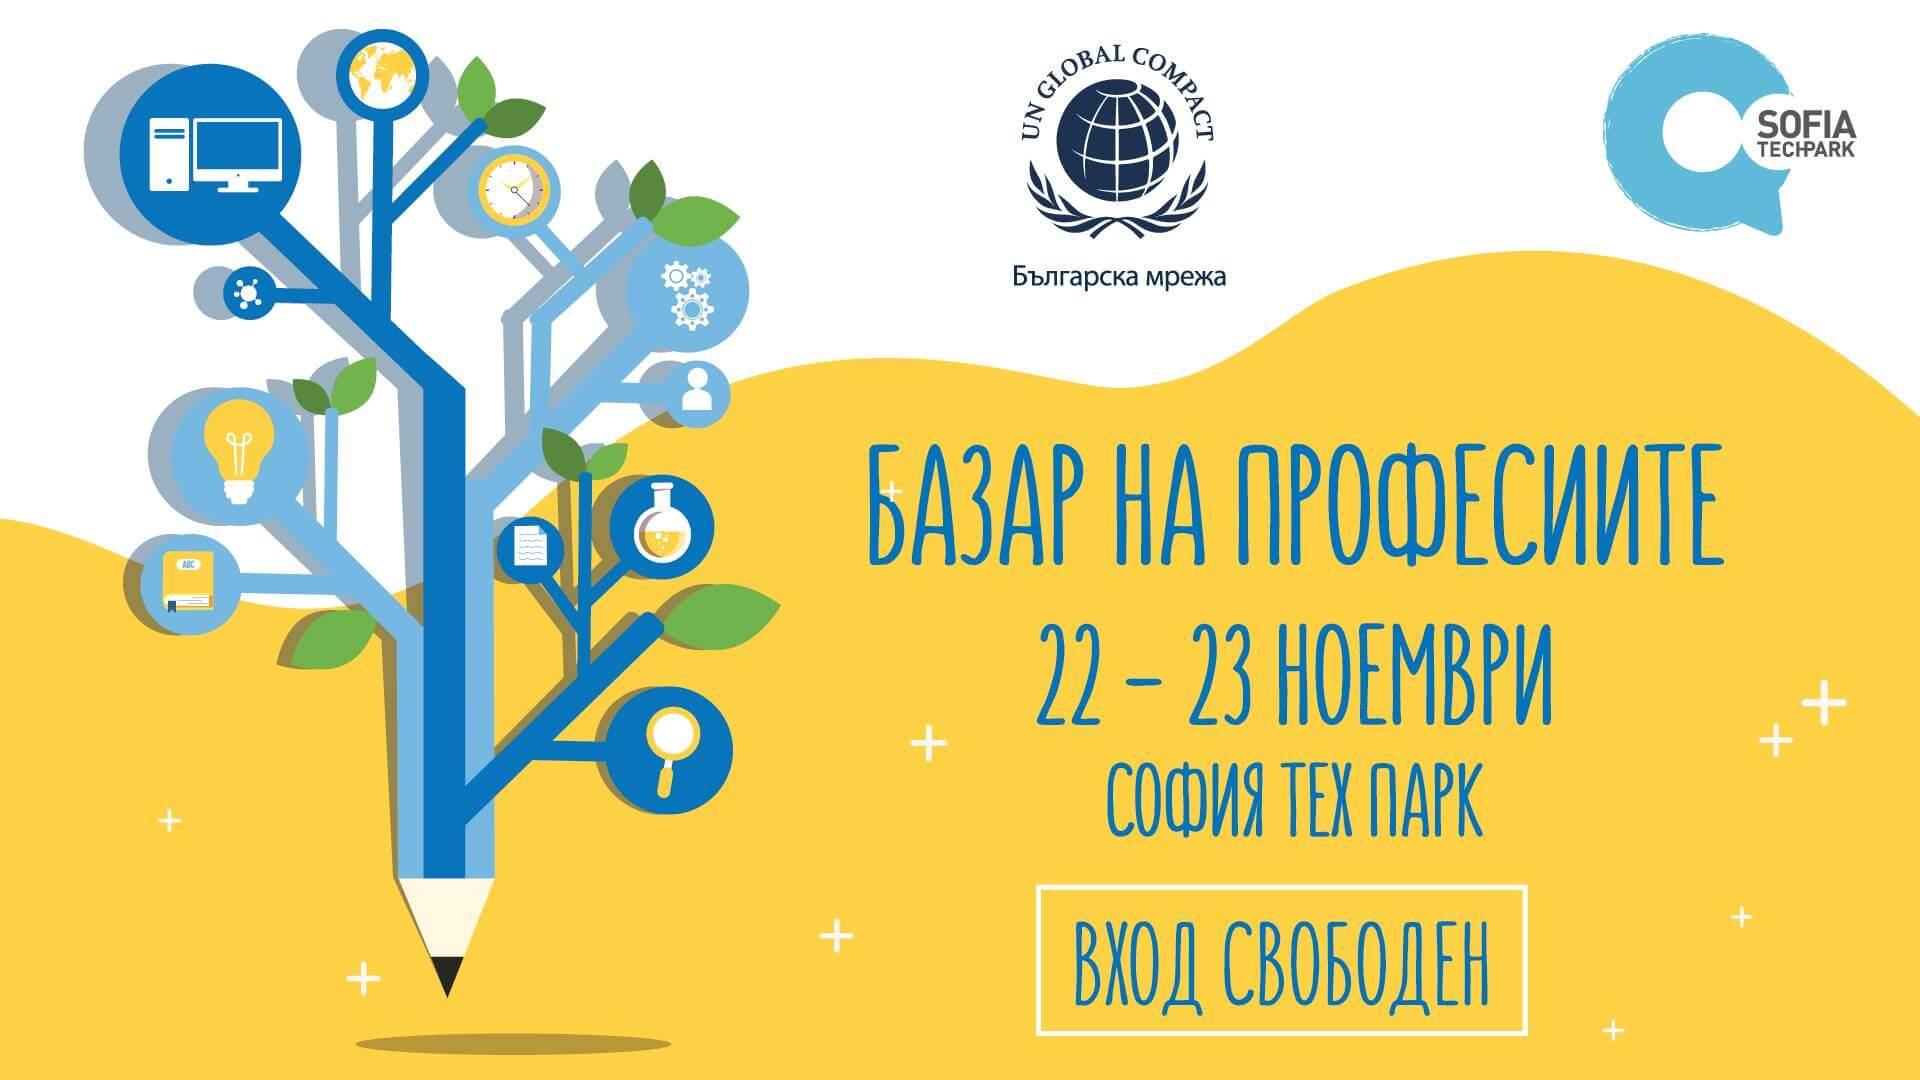 Базар на професиите 2019 се провежда на 22 и 23 ноември